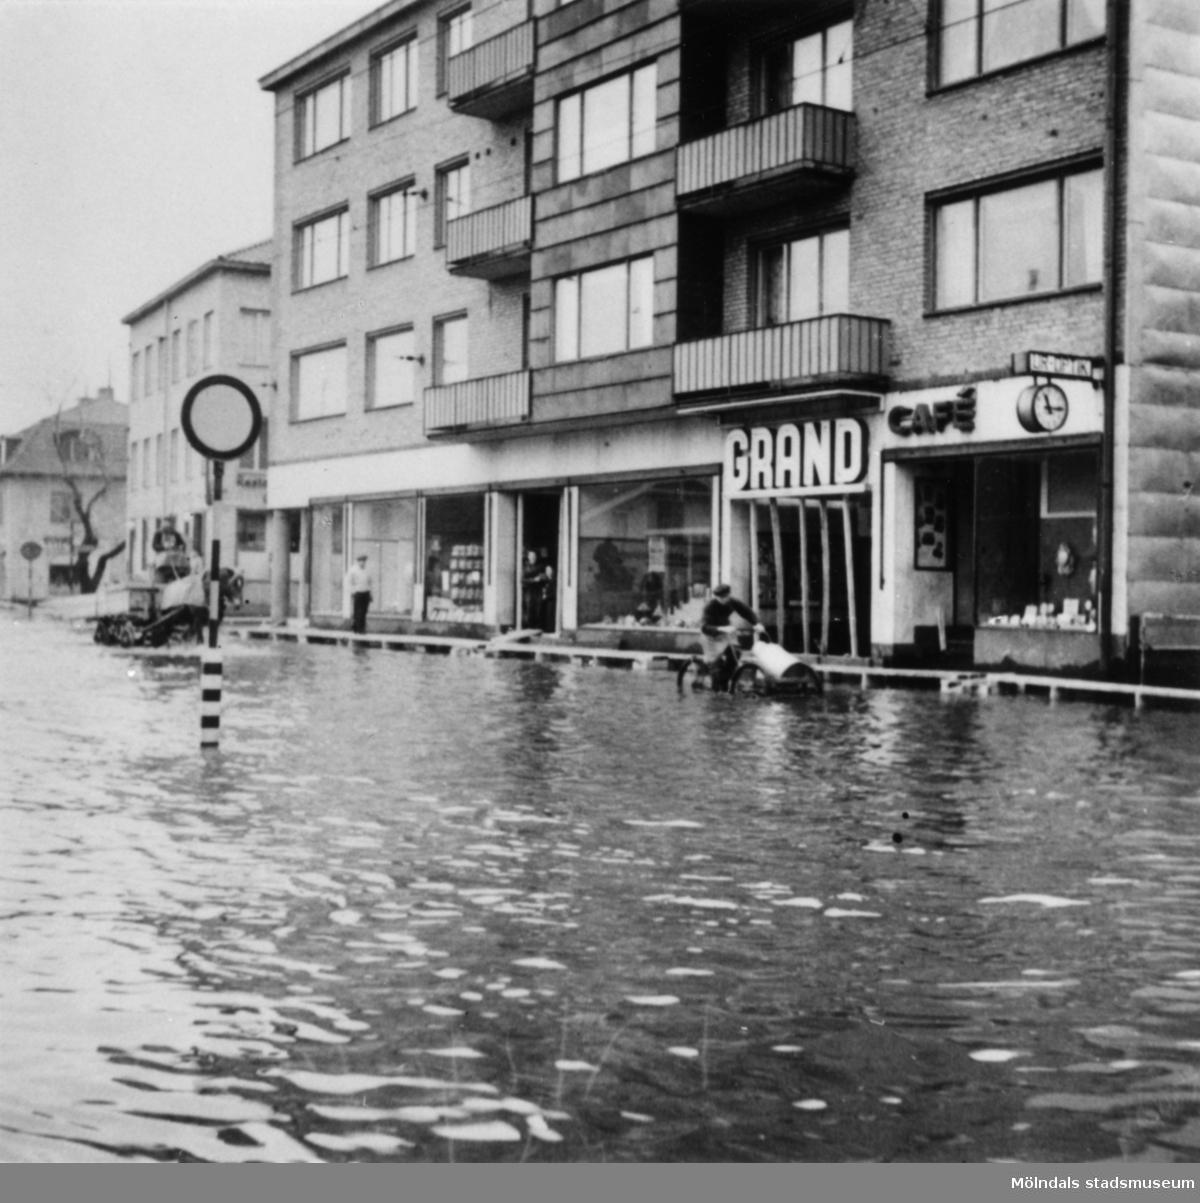 Cykelbud och hästtransport som färdas i vattenmassorna. Översvämning utanför Grand i Mölndalsbro kl 11.15 på förmiddagen. Omkring 1940.